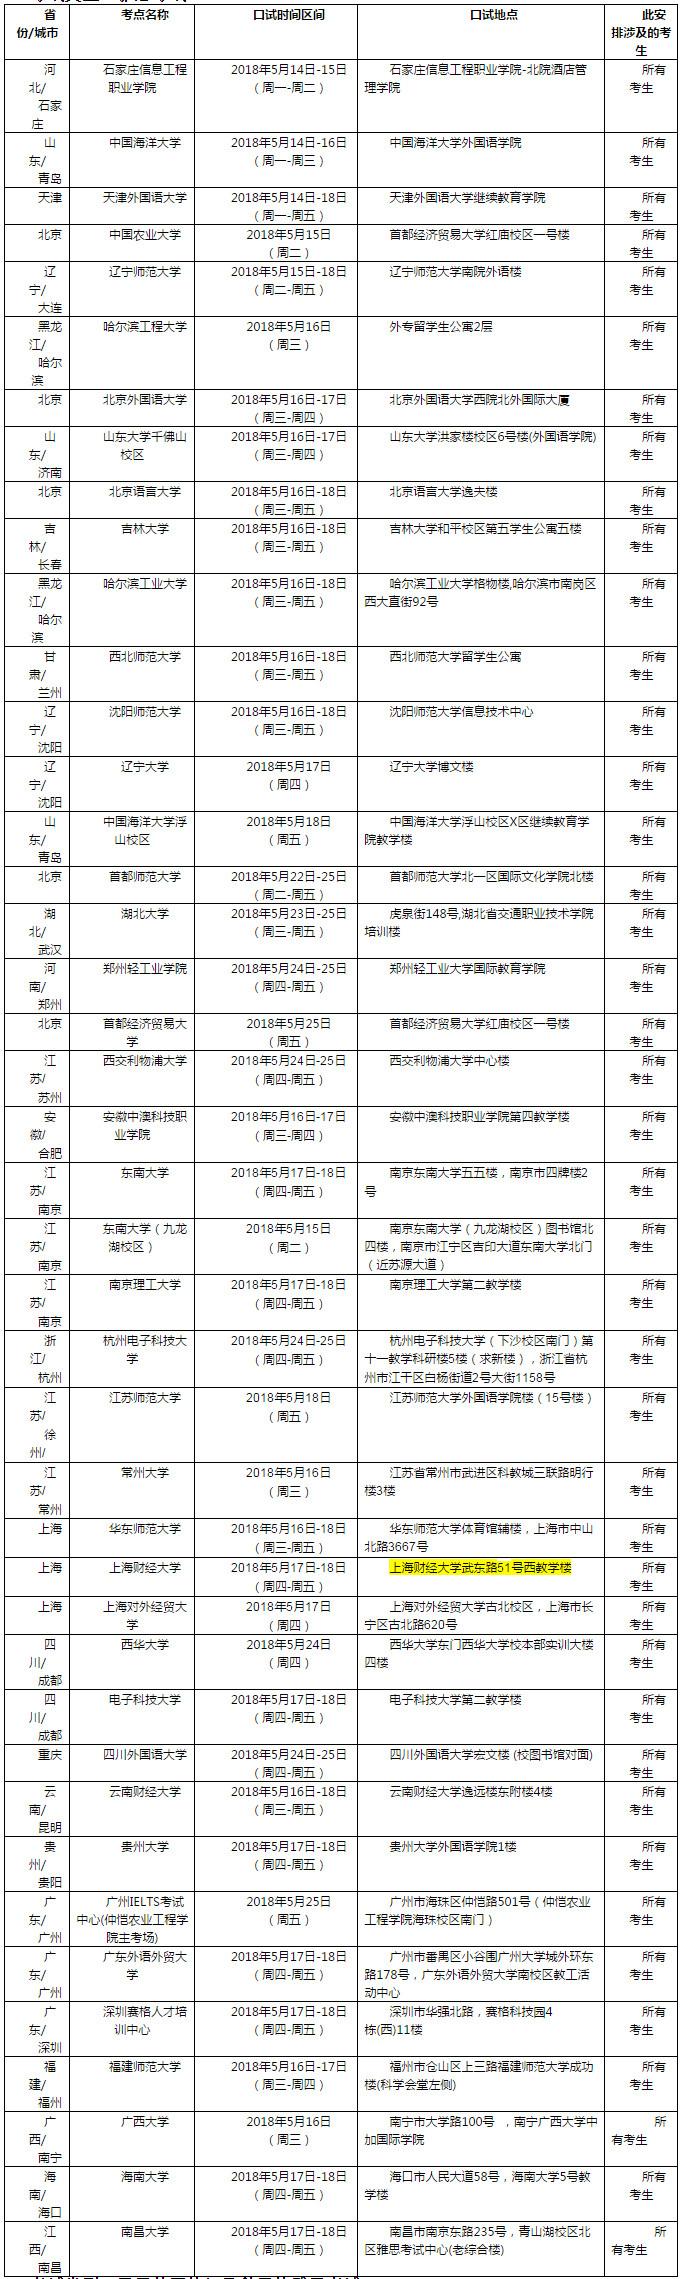 2018年5月19日雅思口语考试安排